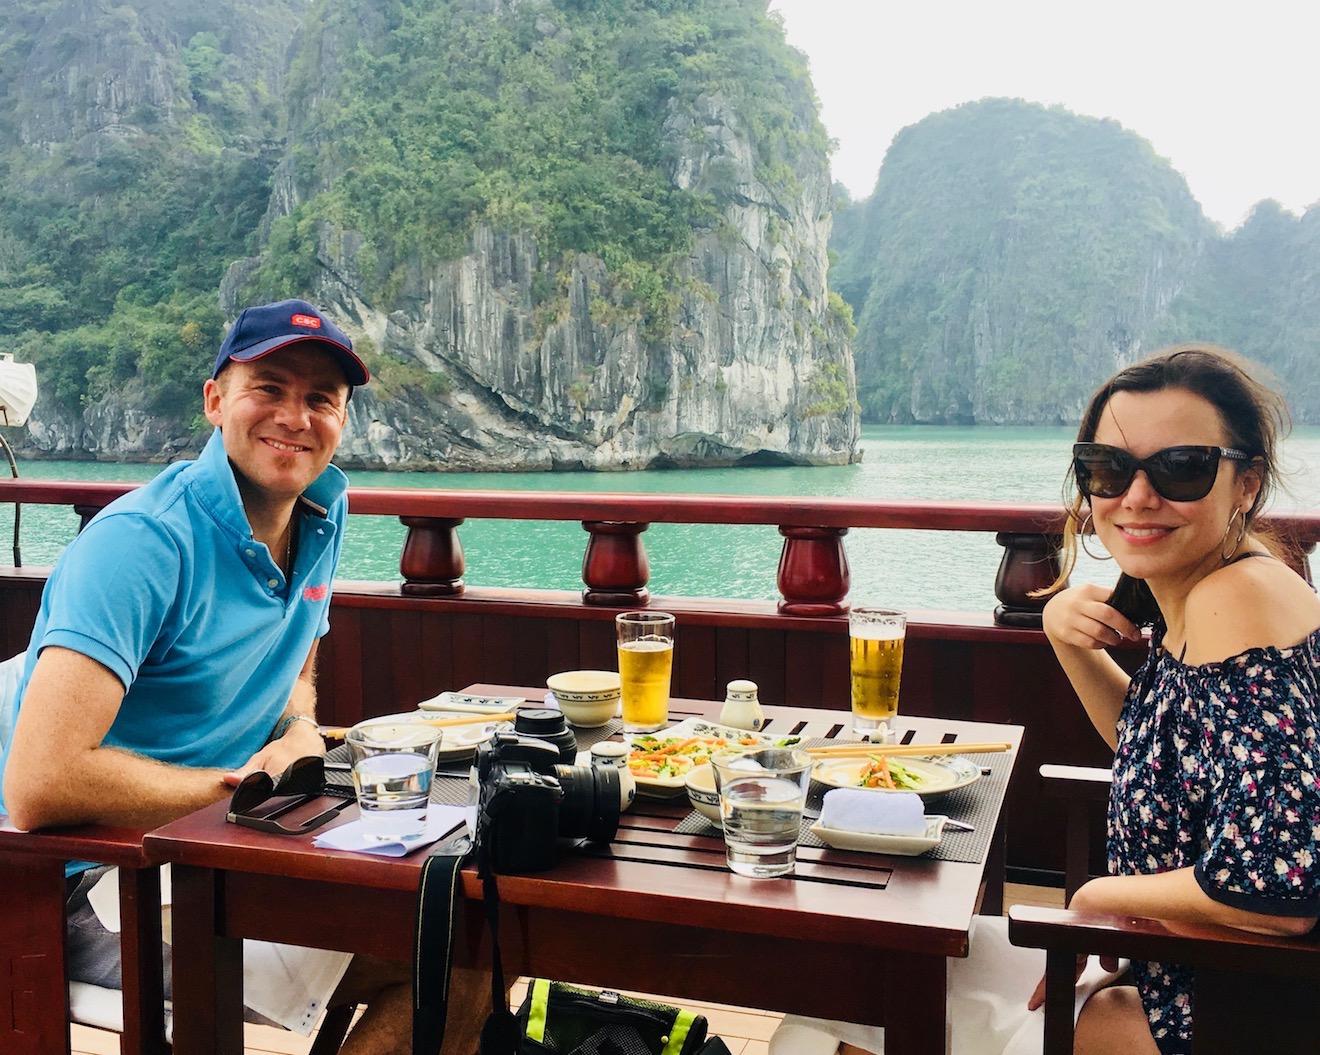 Cruzeiro em Bay Tu Long, parte de Halong, Vietnã.